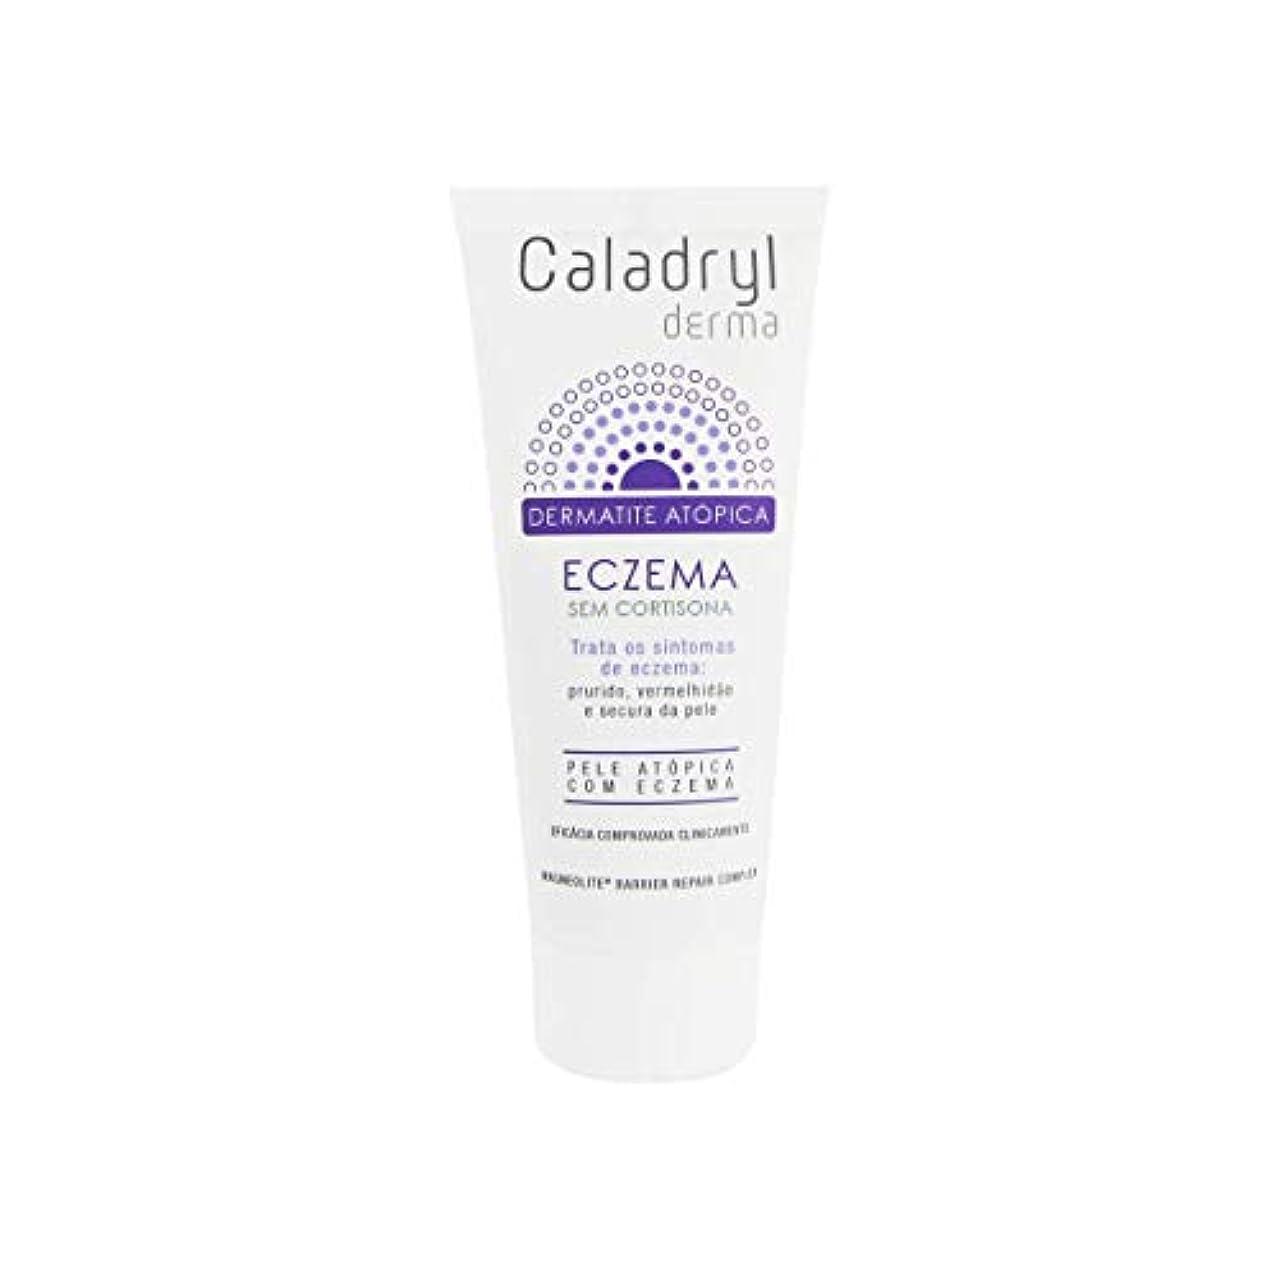 ネックレットピュースプレーCaladryl Atopic Dermatitis Eczema 30g